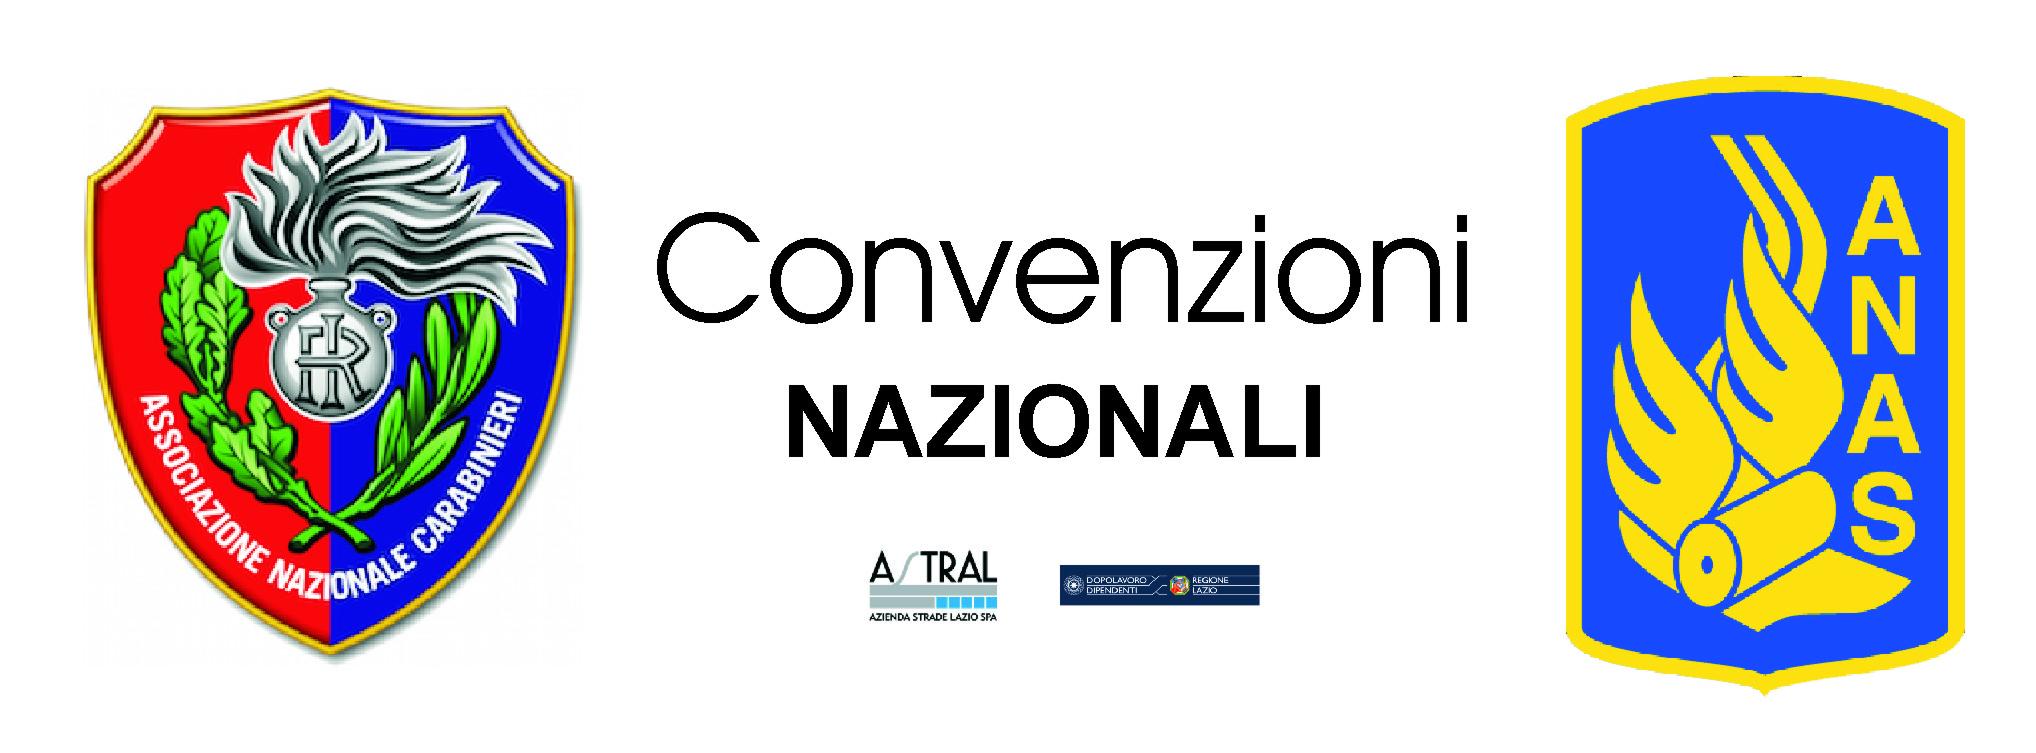 convenzioni